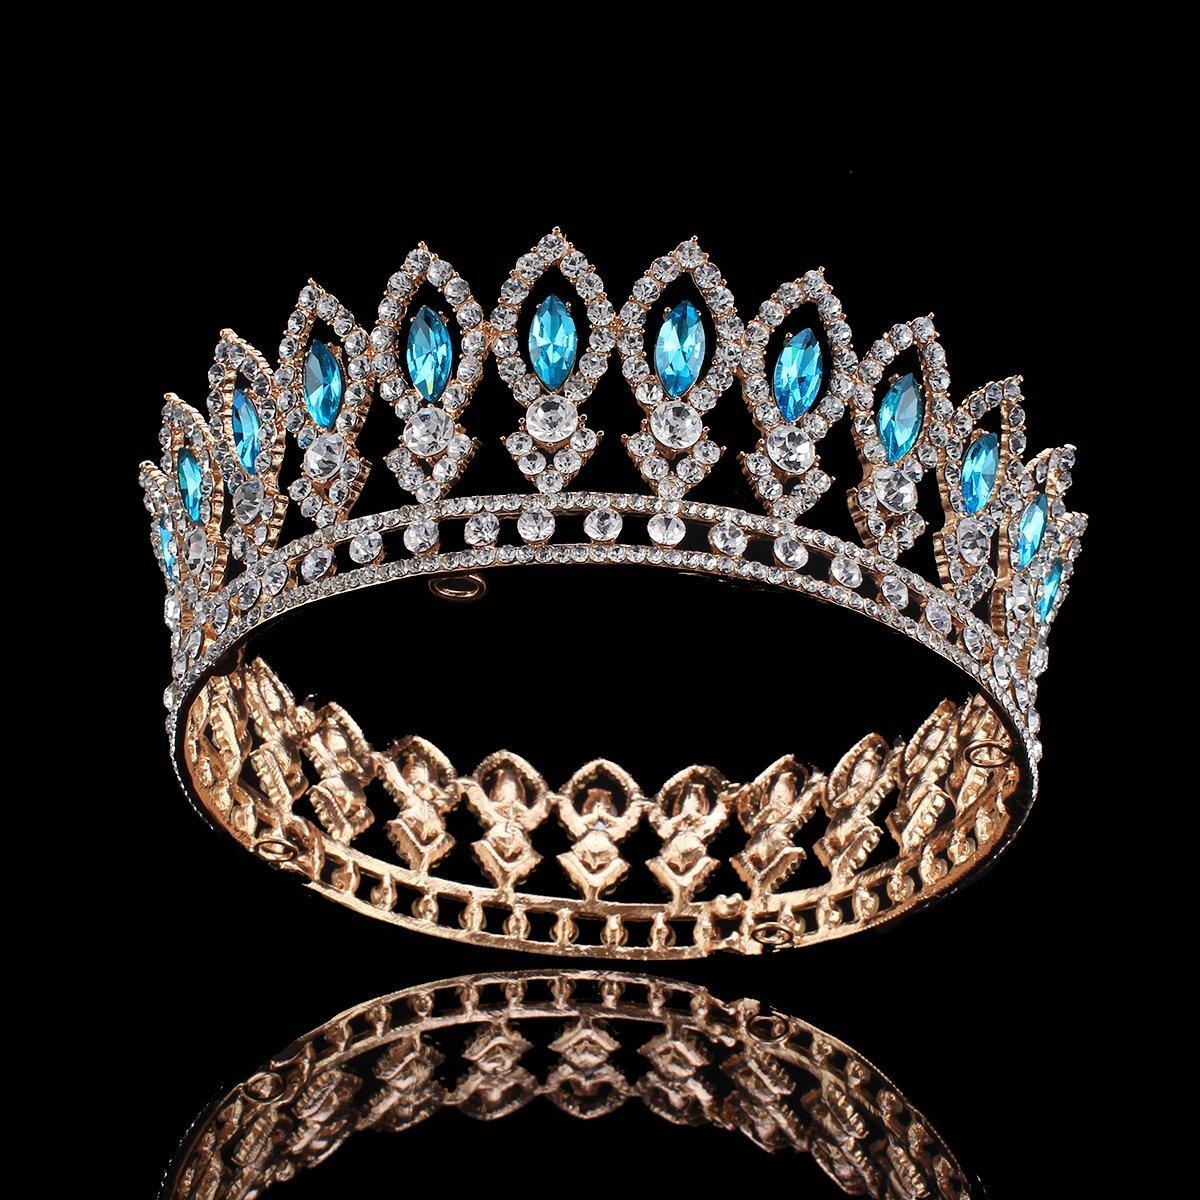 Blesiya Vintage Tiara Big Crown Wedding Bridal Crystal Headpiece Headband